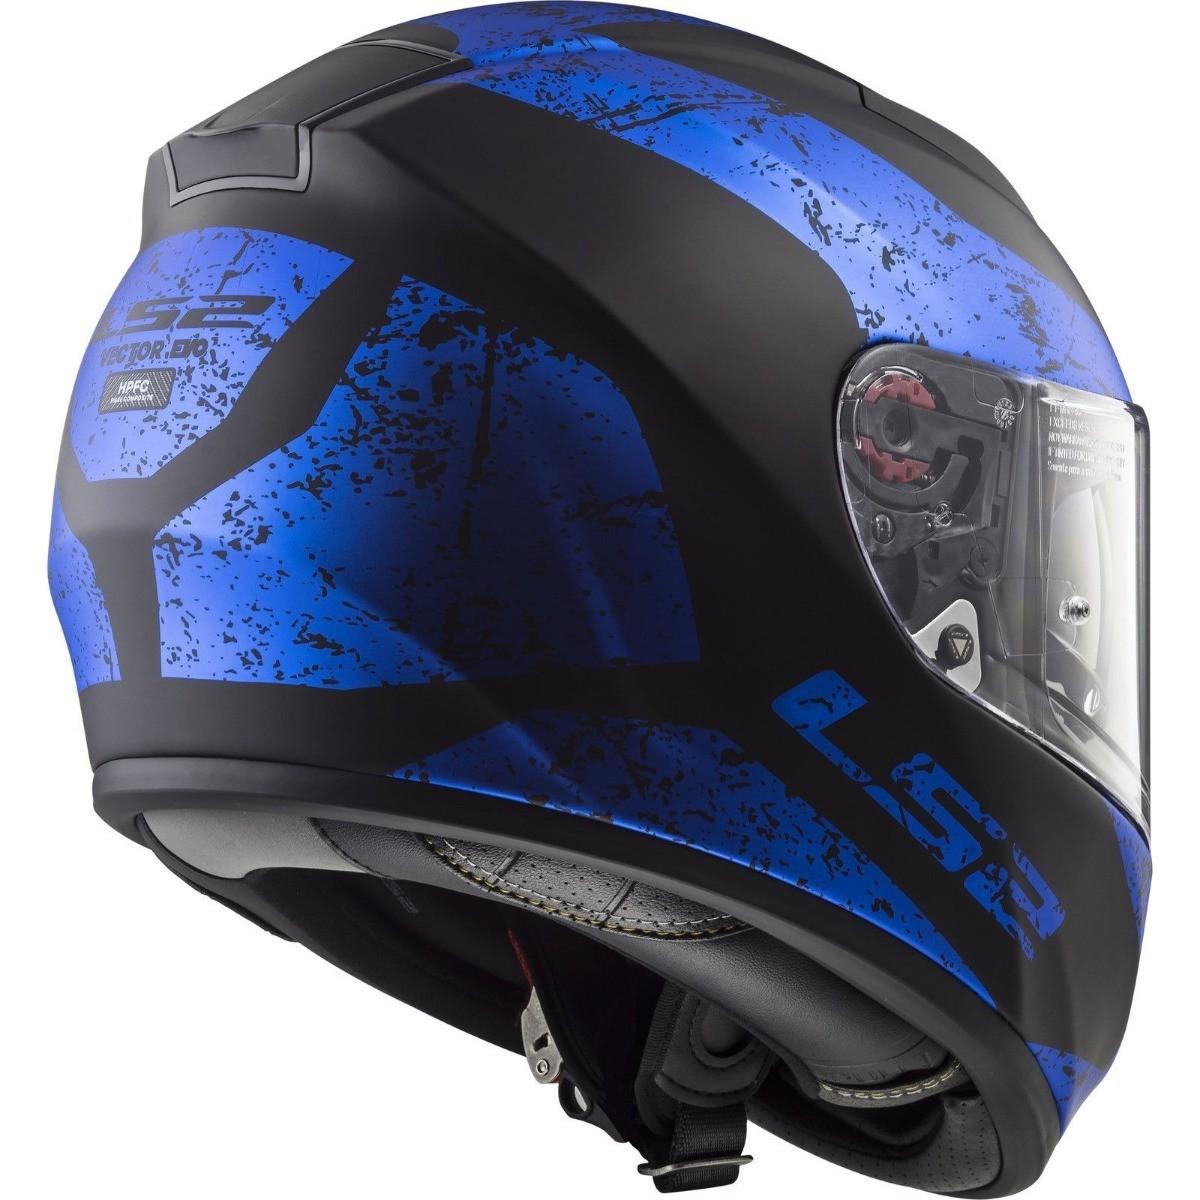 Capacete LS2 FF397 Vector Evo Sign Preto/Azul  - Nova Centro Boutique Roupas para Motociclistas